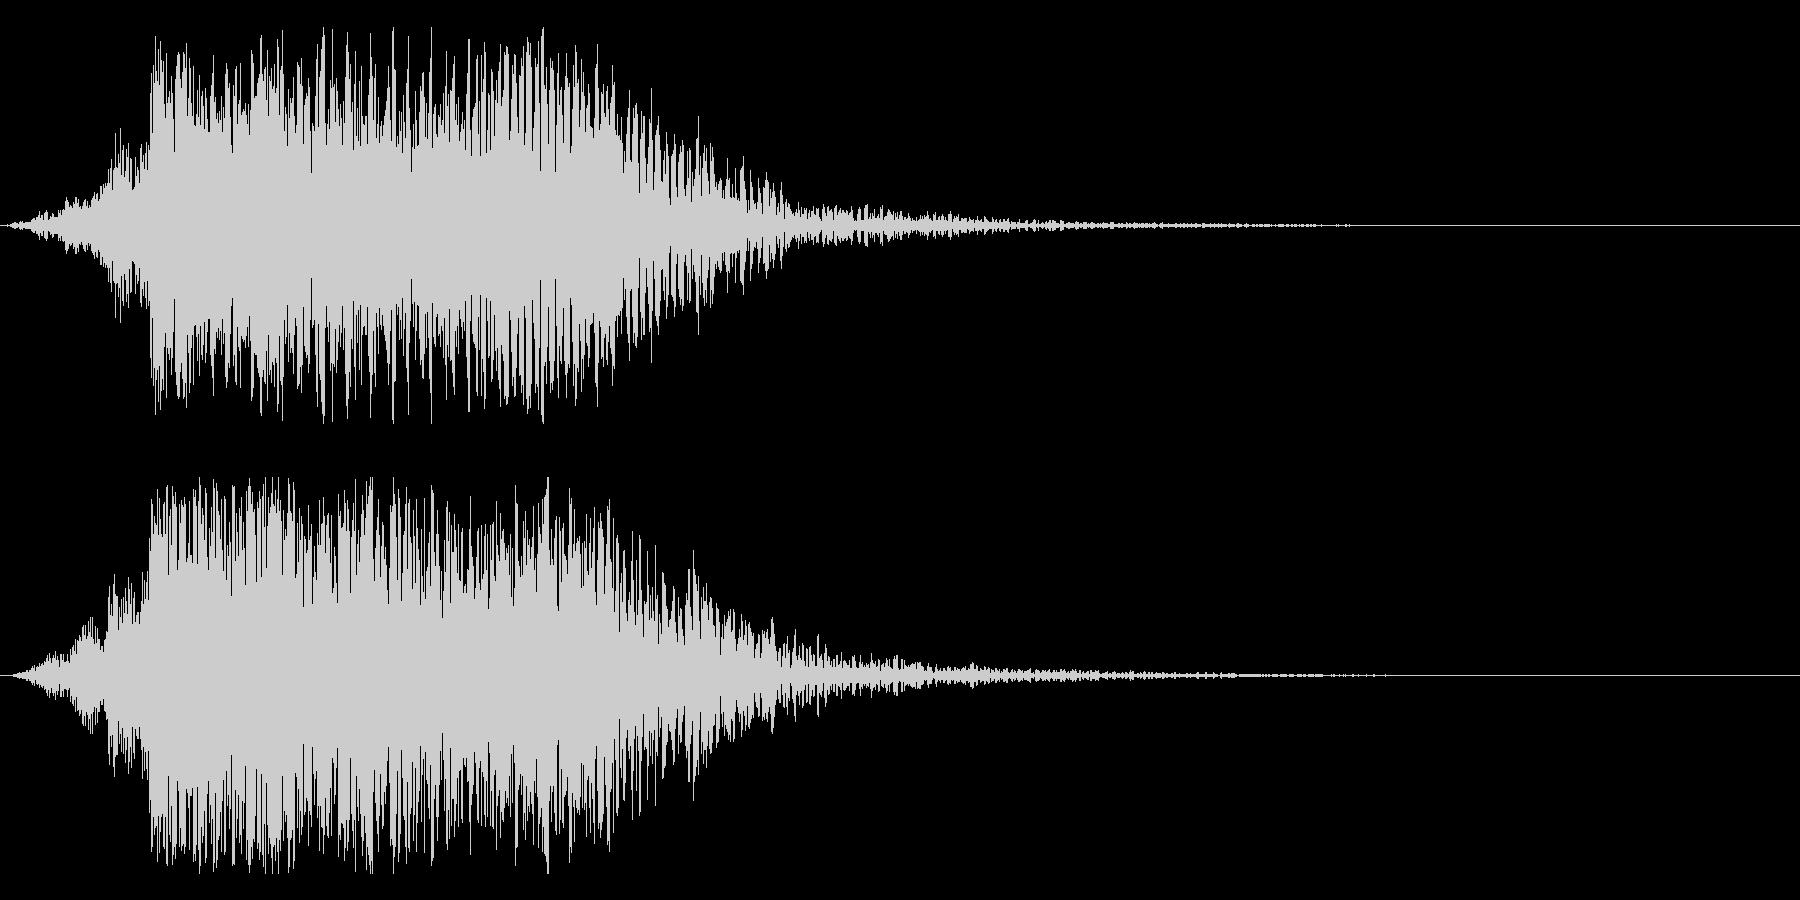 シネマティック DJヒット インパクト1の未再生の波形